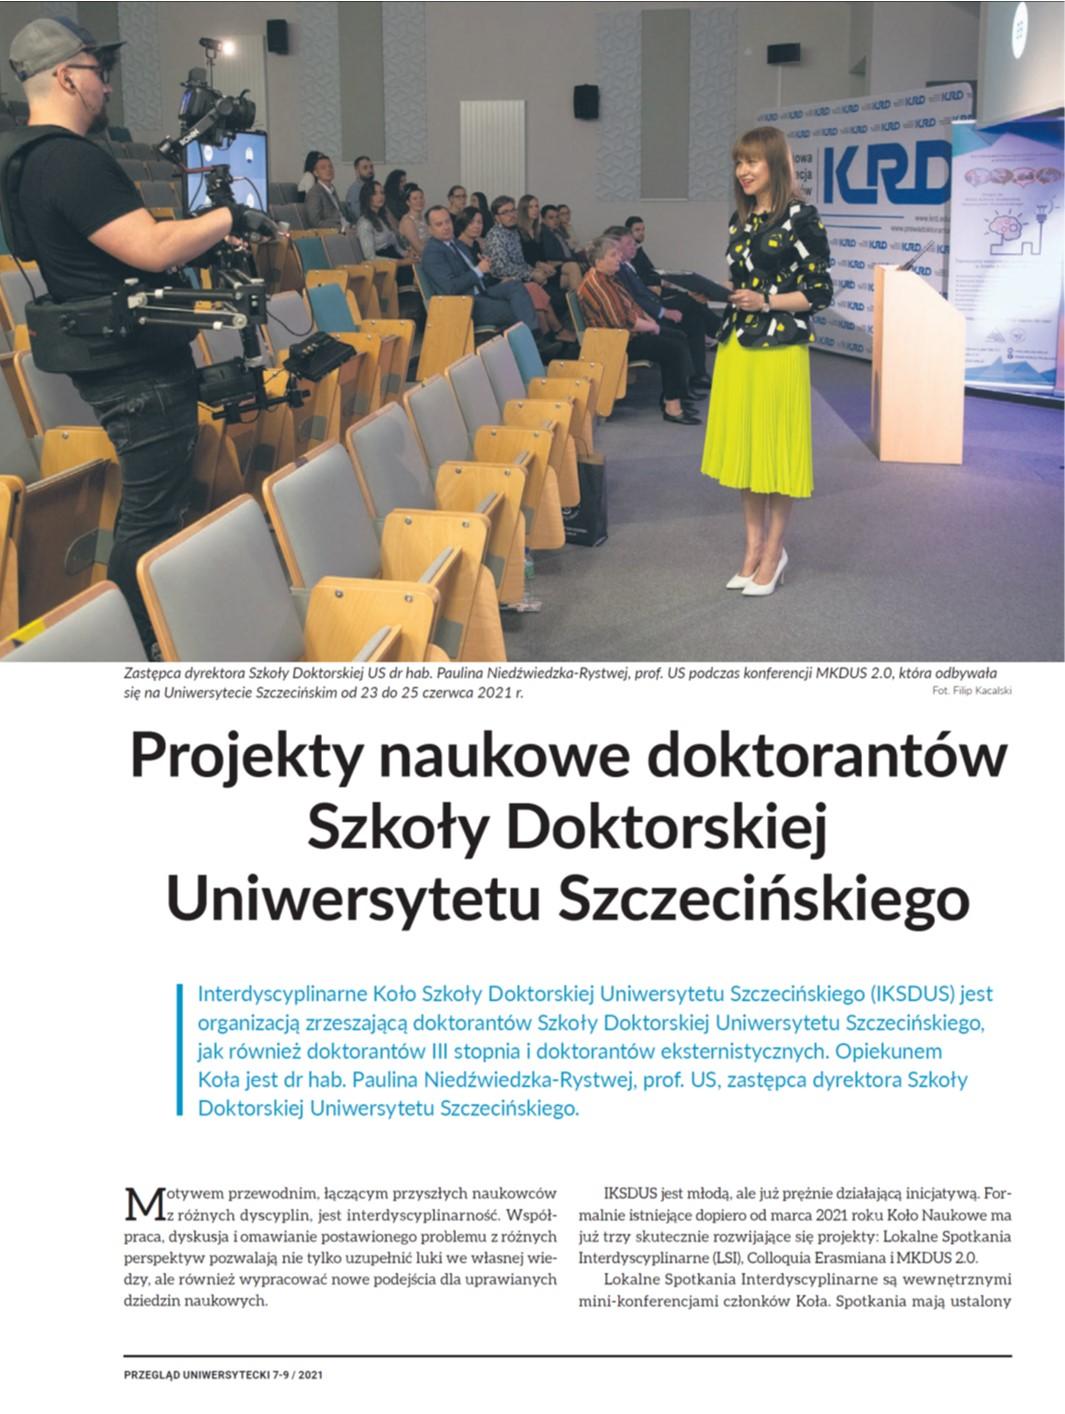 Przegląd Uniwersytecki #7-8/2021  Projekty naukowe doktorantów Szkoły Doktorskiej Uniwersytetu Szczecińskiego